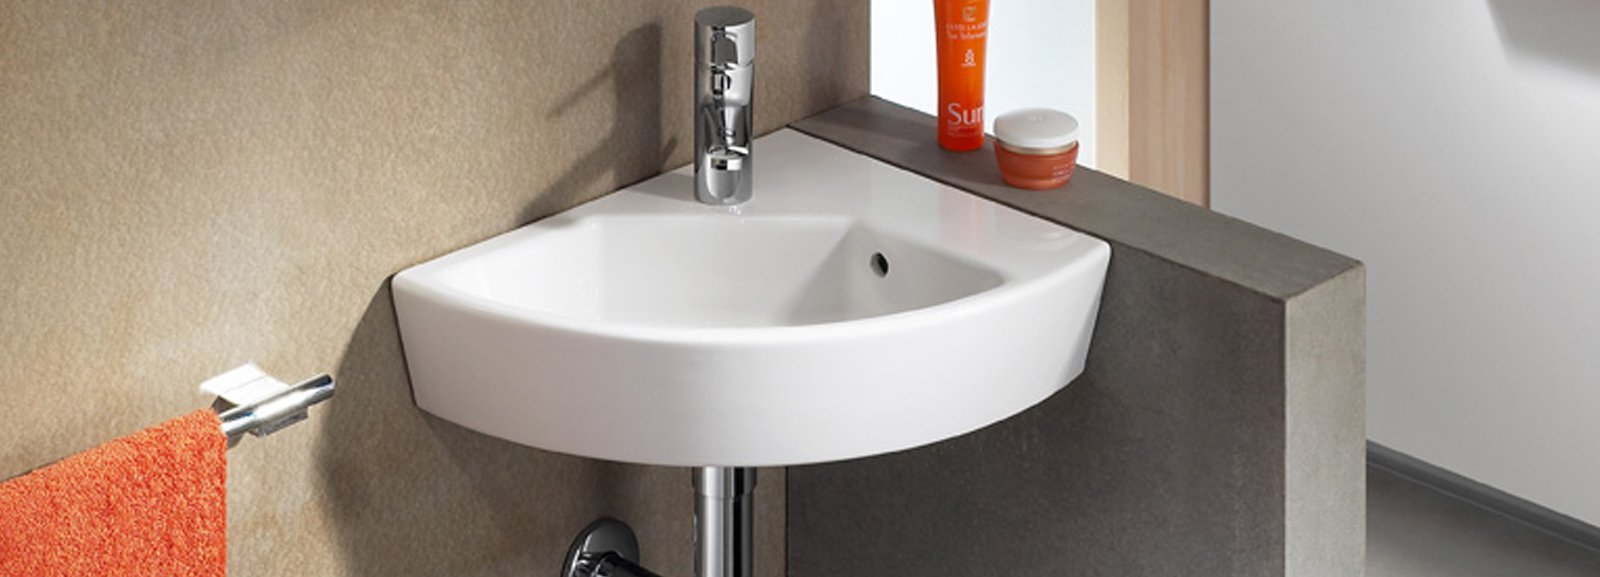 Lavabi ad angolo cose di casa - Lavandino angolo bagno ...